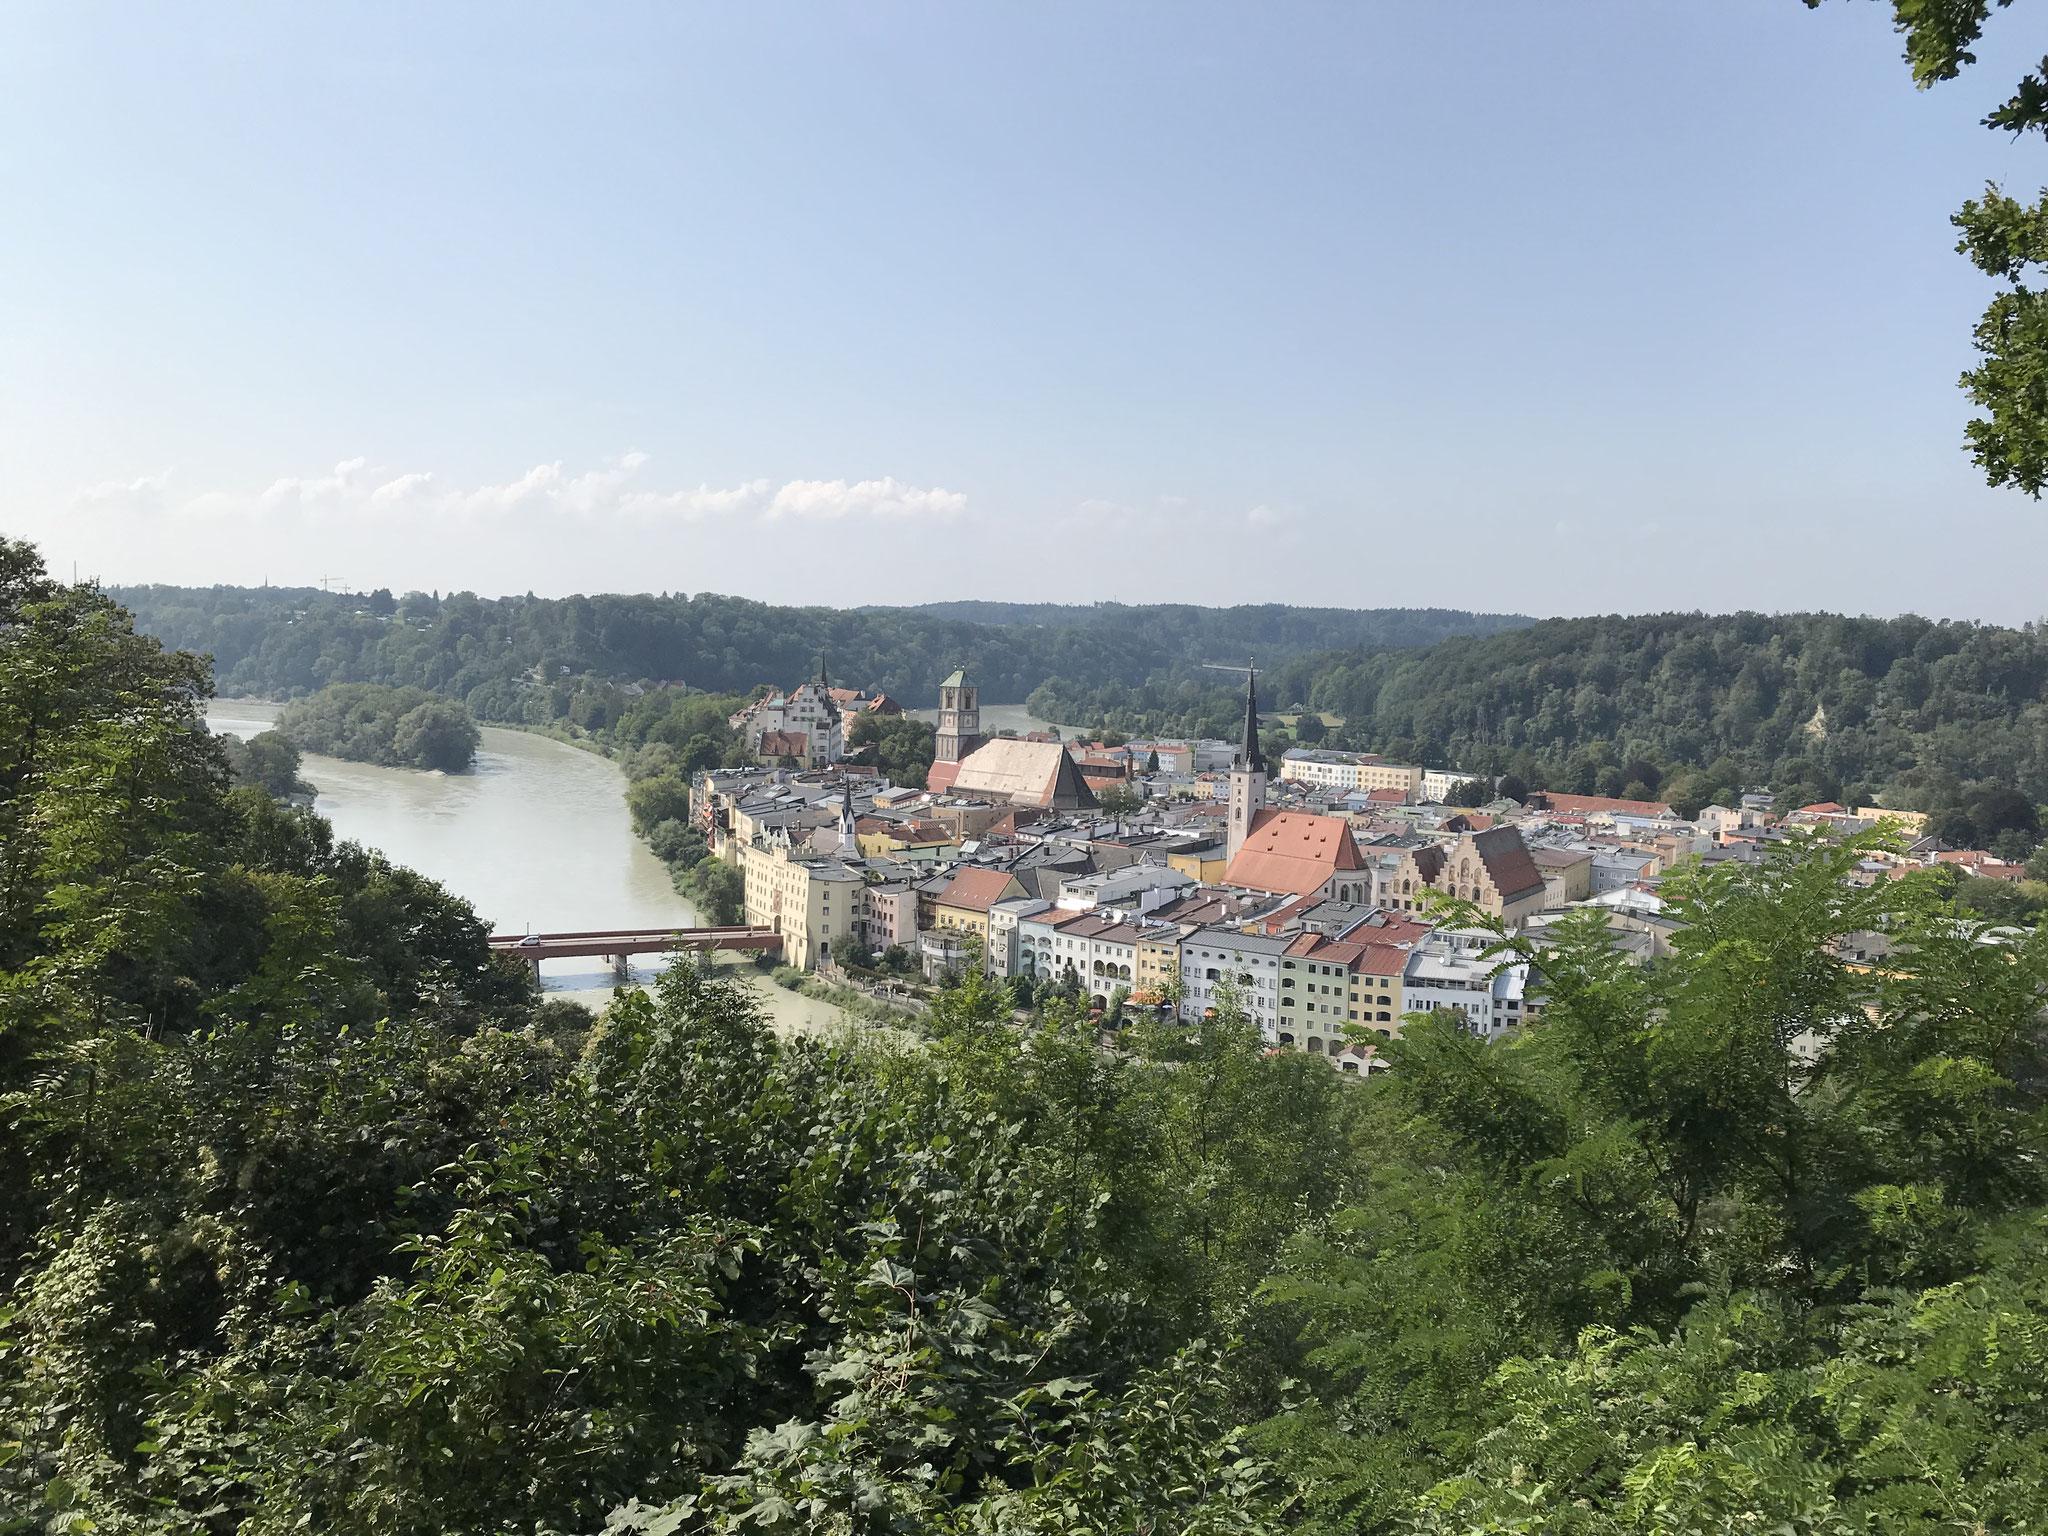 Wasserburg von der schönen Aussicht